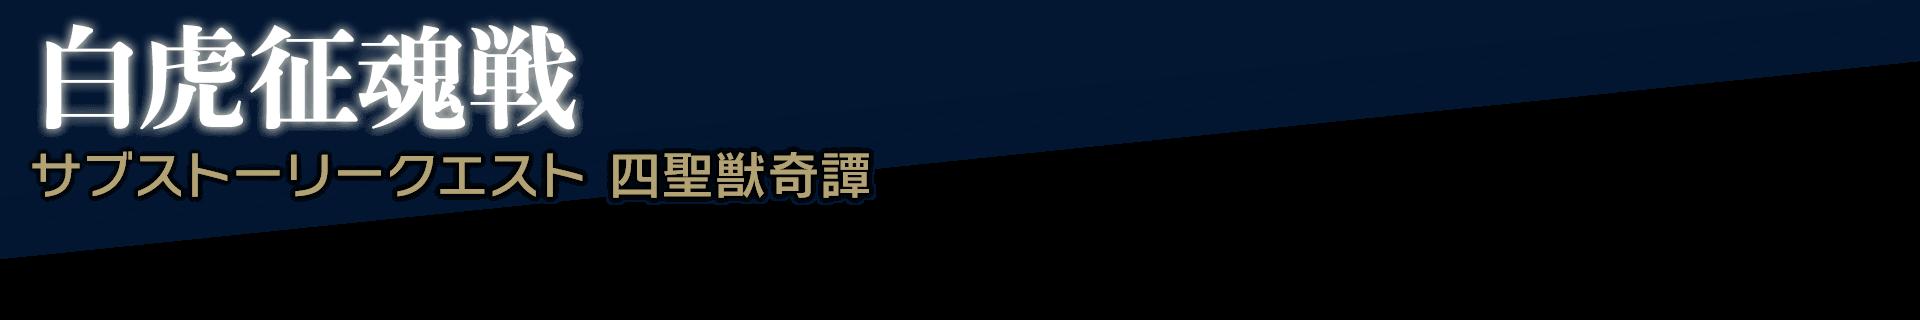 白虎征魂戦  サブストーリークエスト 四聖獣奇譚